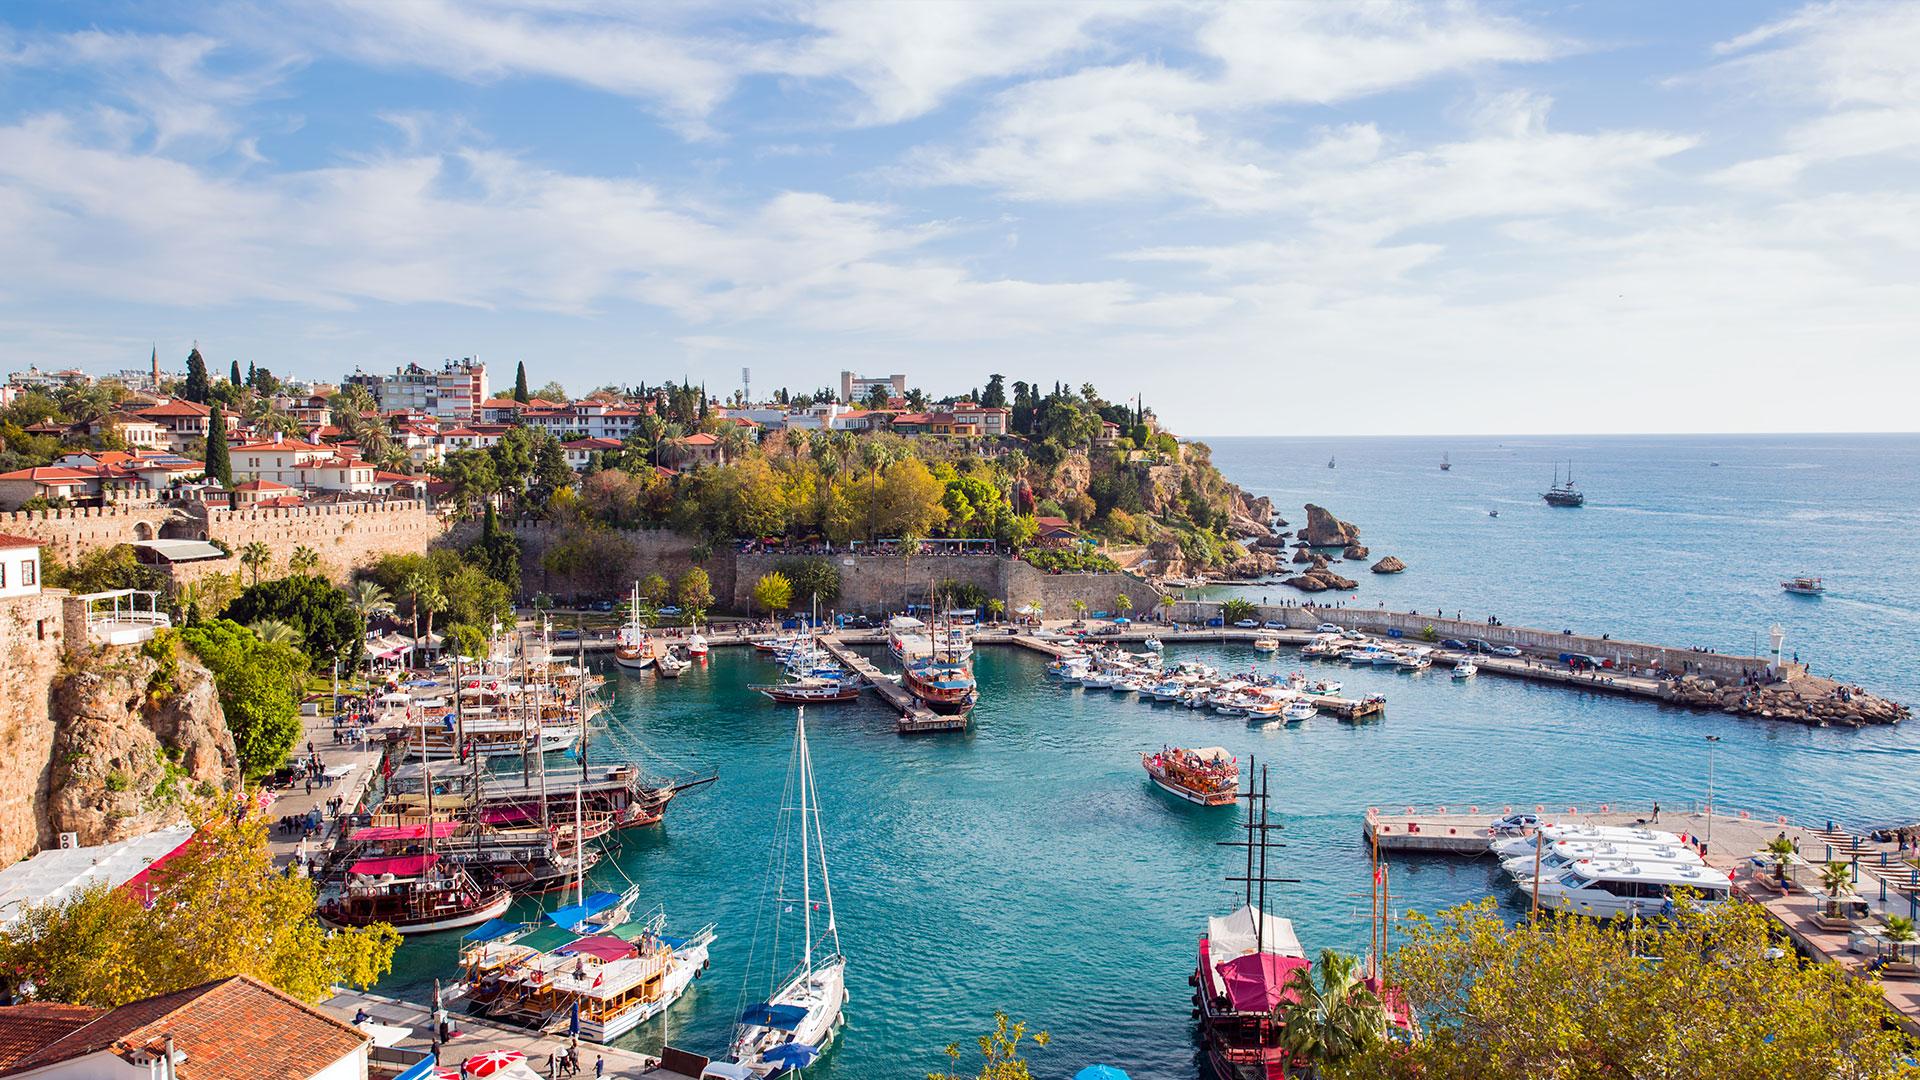 Antalya Otellerine İlgi Artacak mı?